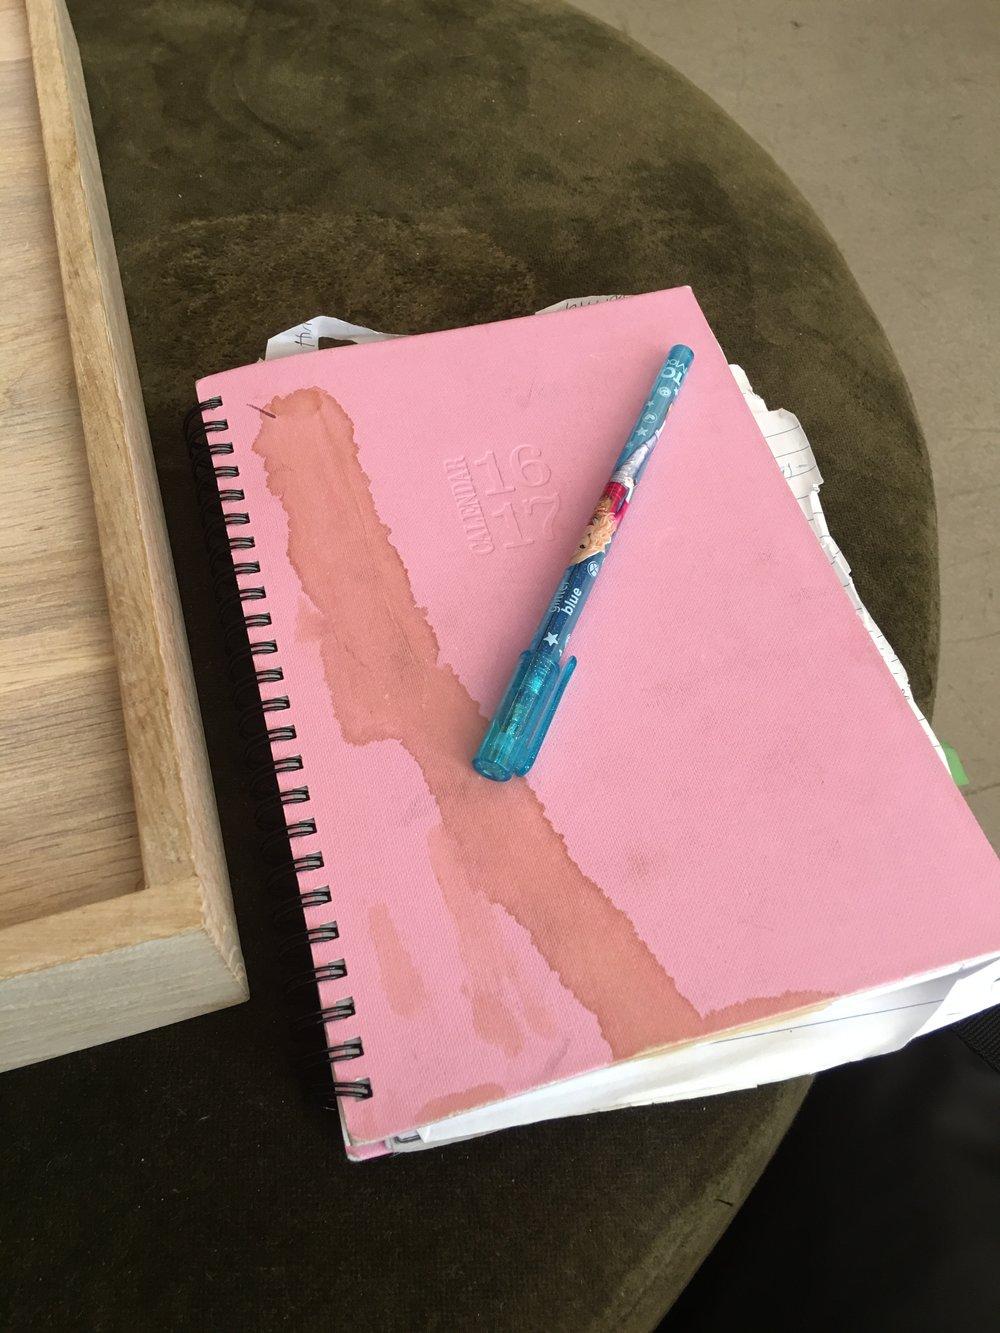 Et fuldstændigt ufiltreret foto af min lommebog. Som jeg elsker. Og som farver - selv mit sind og min opfattelse af virkeligheden åbenbart!